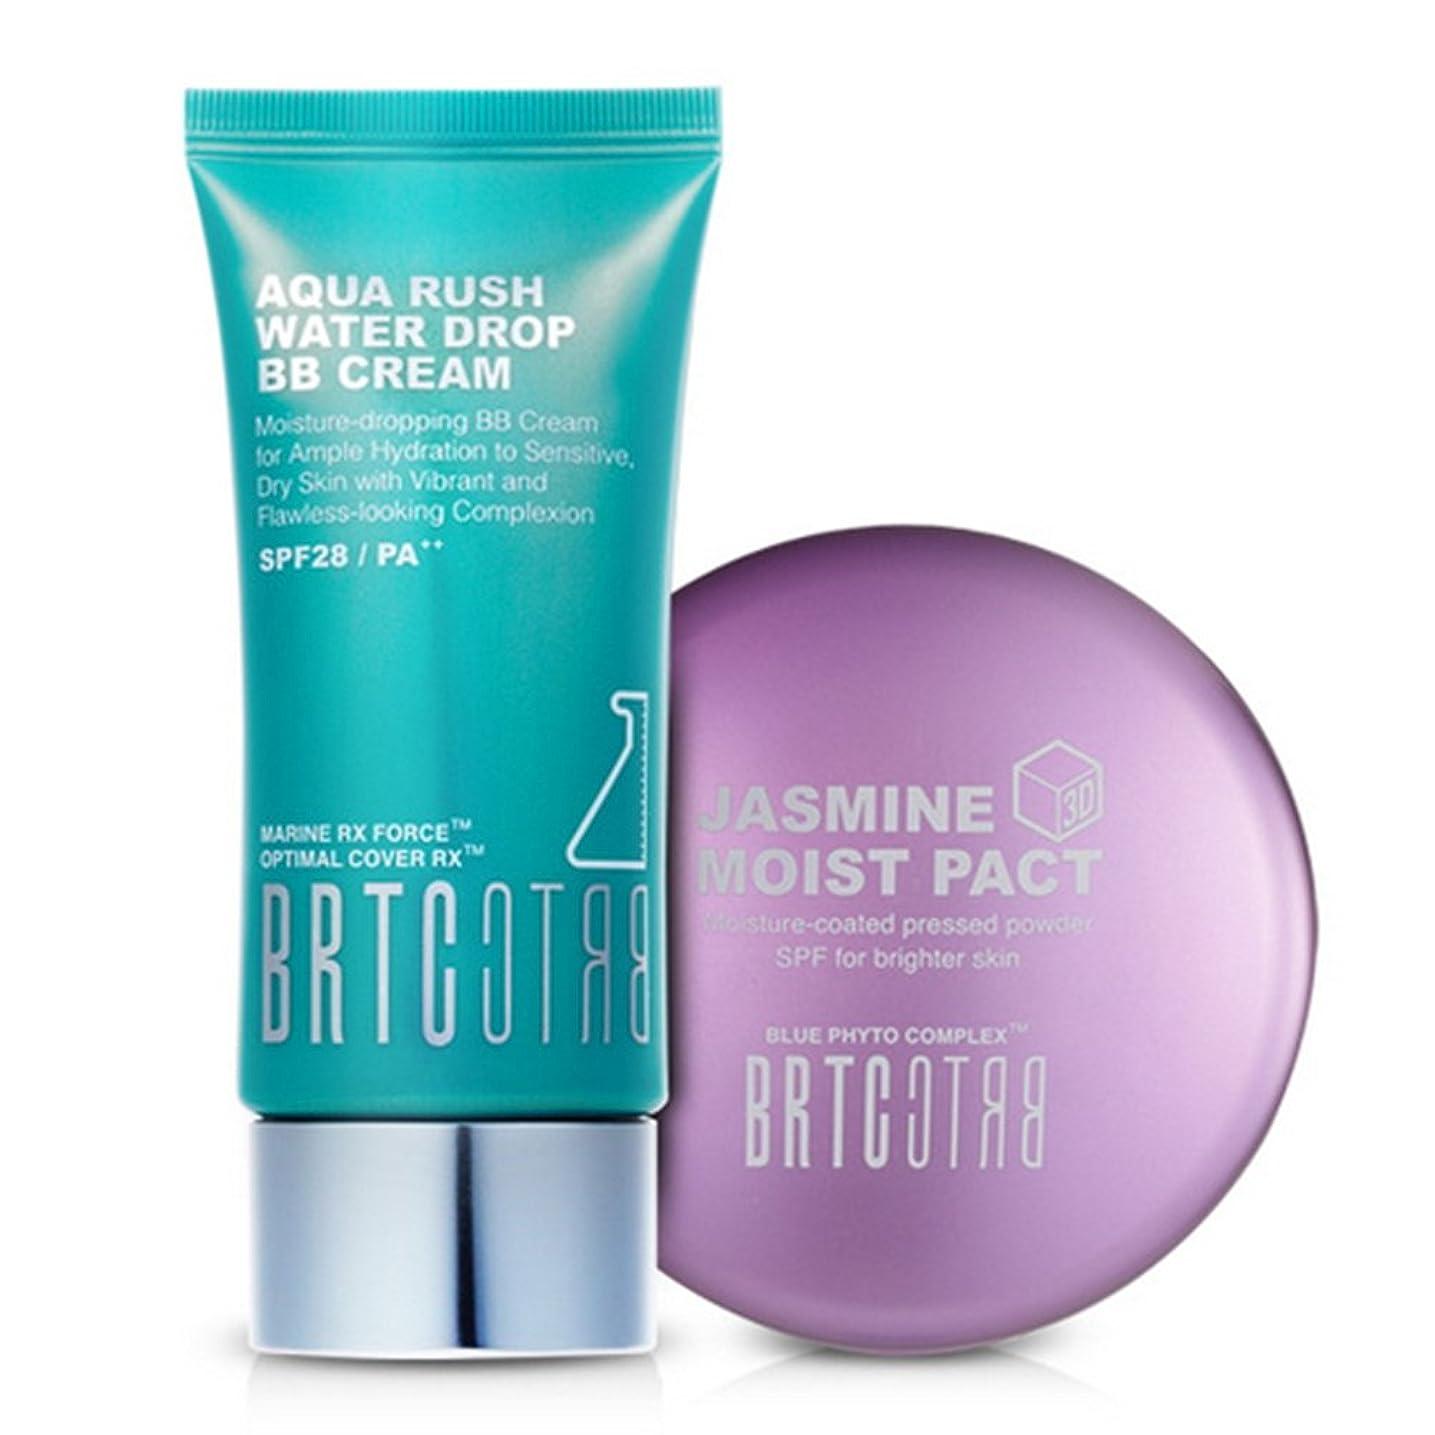 ペイントカート酸【BRTC/非アルティ時】Whitening&Moisture Make Up Set アクアラッシュビビ ファクト2種set [BB Cream+ Moist Pact Set](海外直送品)